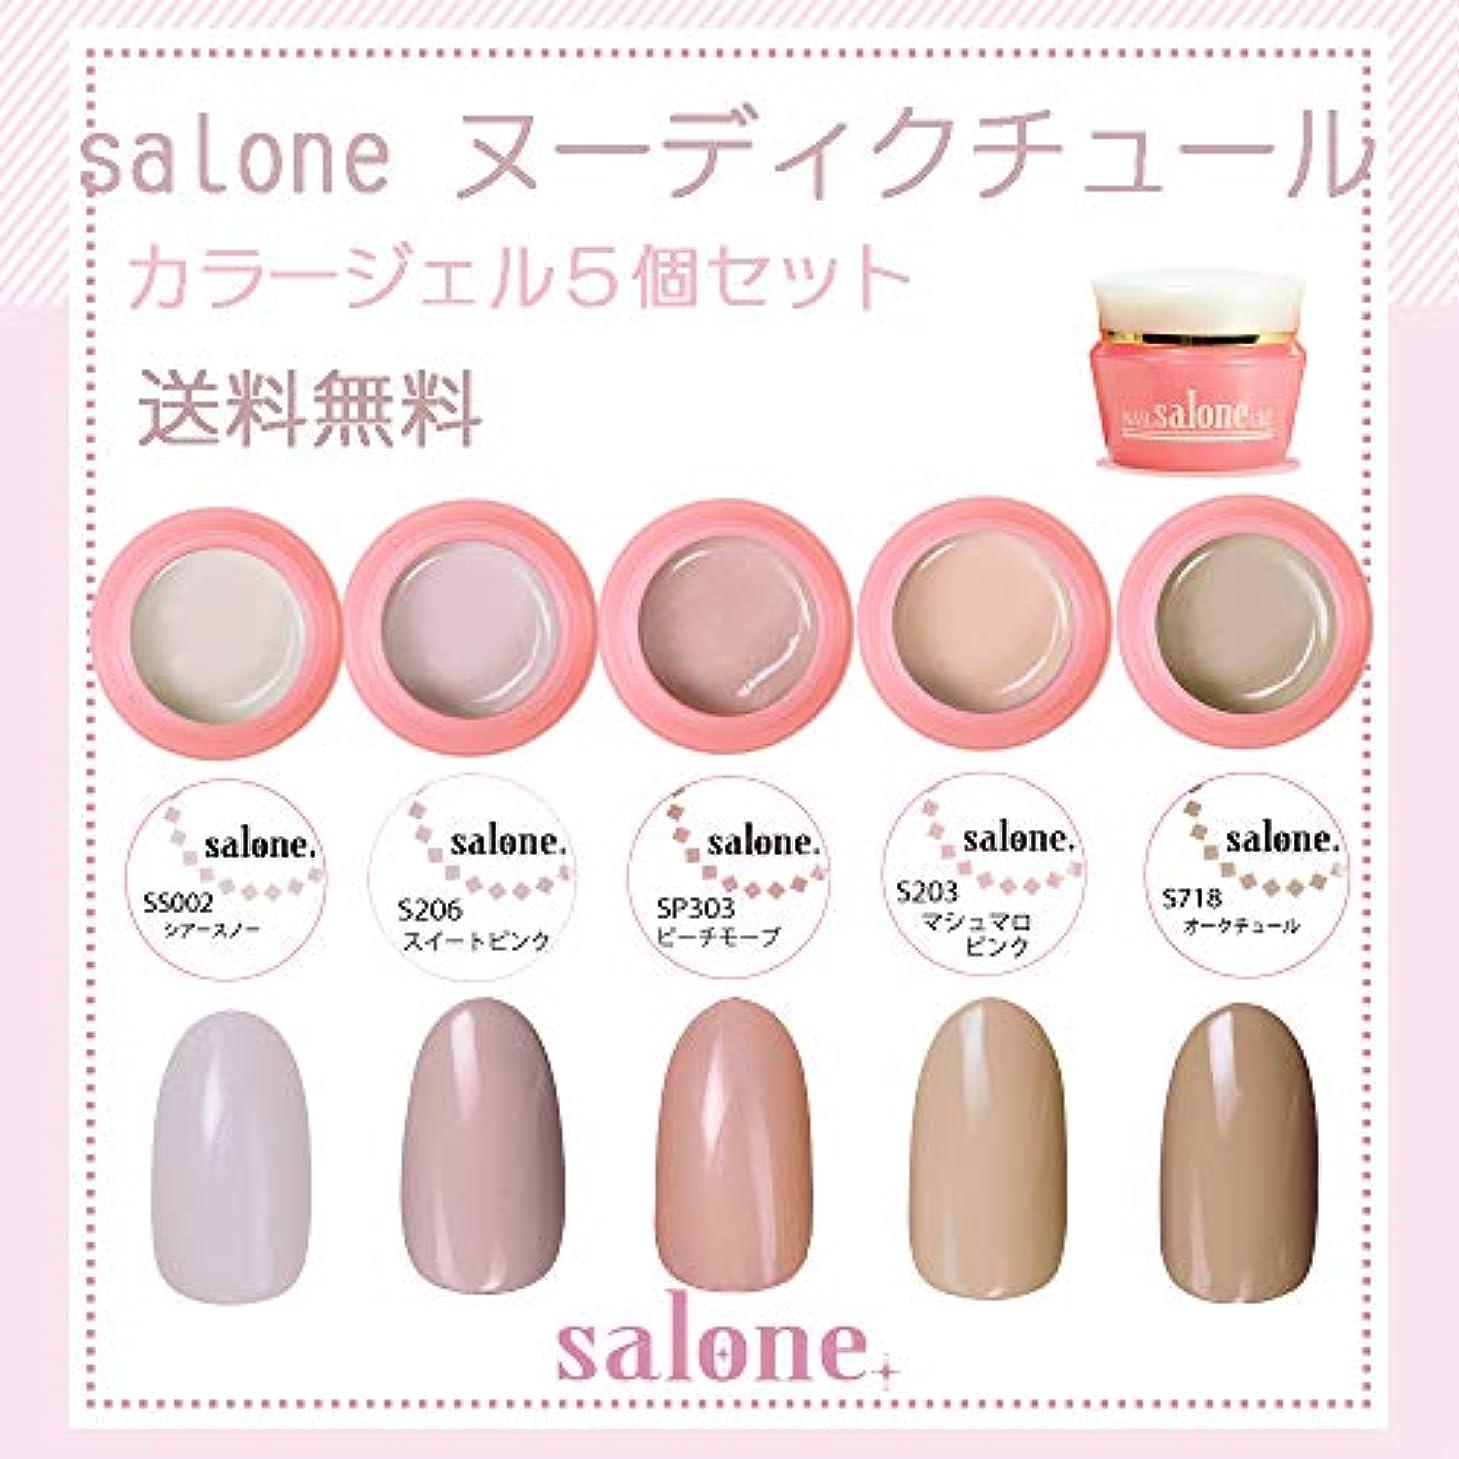 持っている昼間年金受給者【送料無料 日本製】Salone ヌーディクチュール カラージェル5個セット 上品で肌なじみの良いカラー